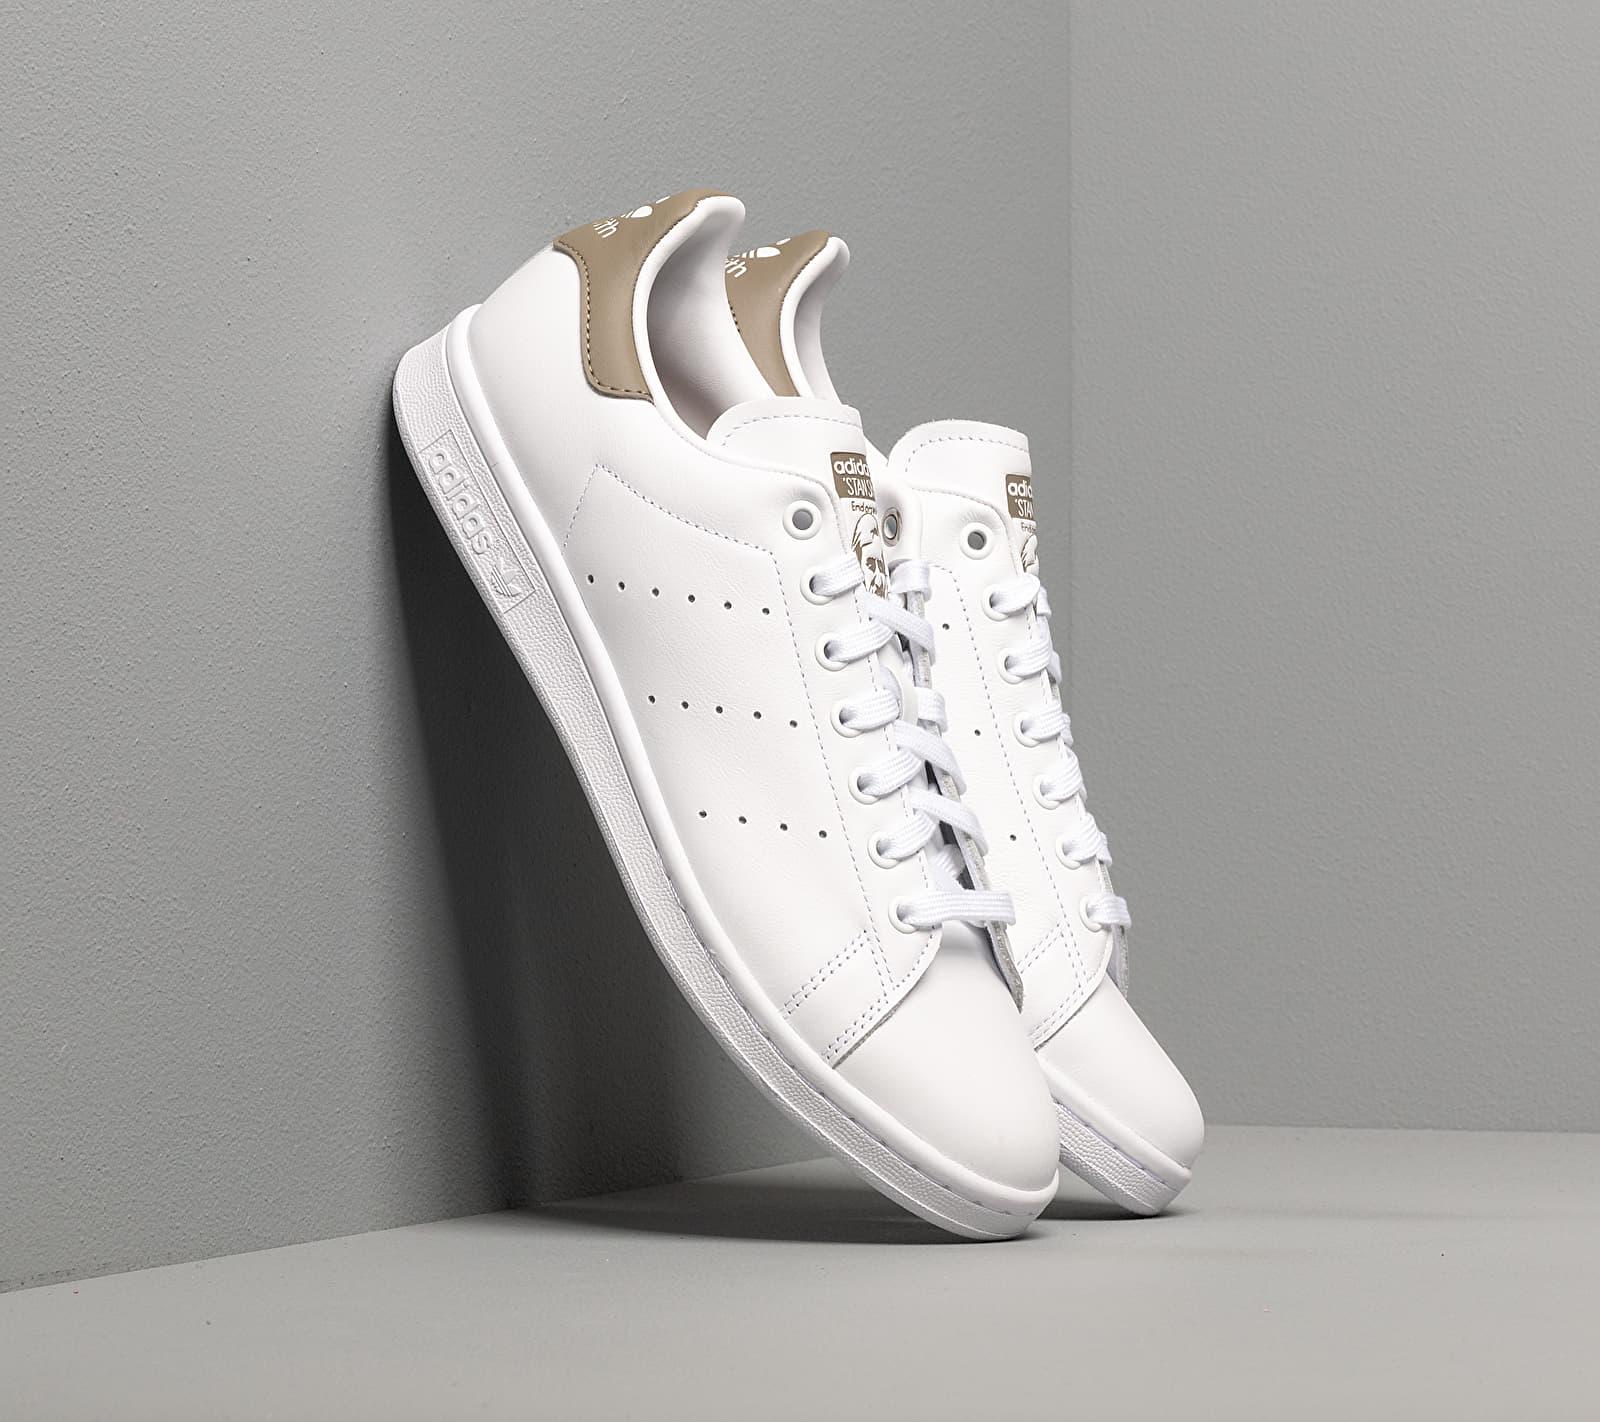 adidas Stan Smith Ftw White/ Trace Cargo/ Ftw White EUR 42 2/3